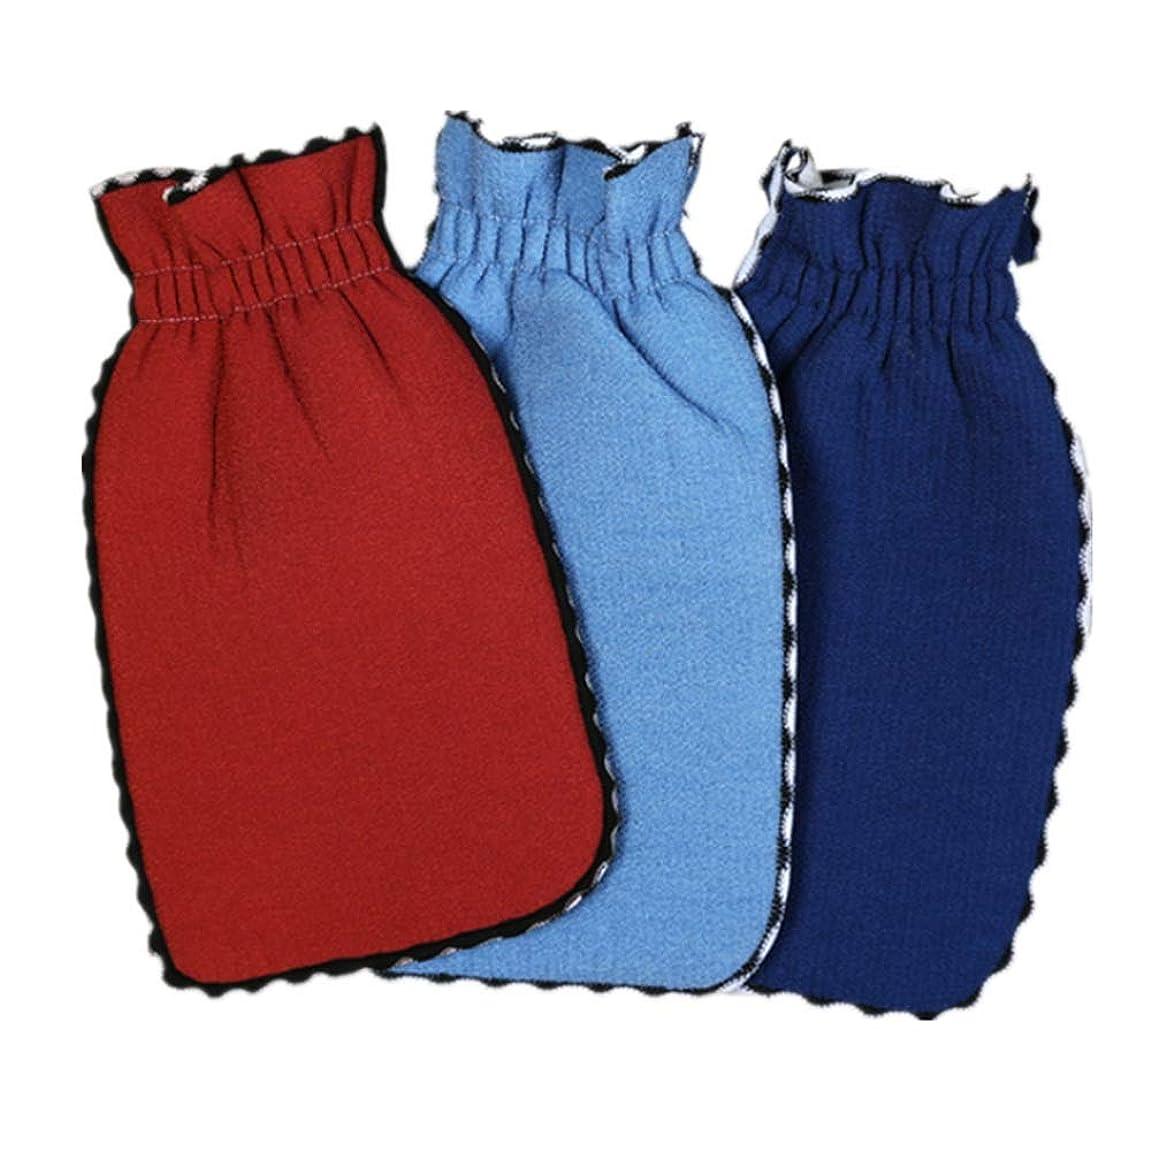 ビュッフェラベル義務づける入浴用手袋 バスミットセット3本用ボディフェイスナチュラルコットンファイバー用優しく角質除去スキンバスグローブ 角質除去手袋 (色 : 3 pack random color)